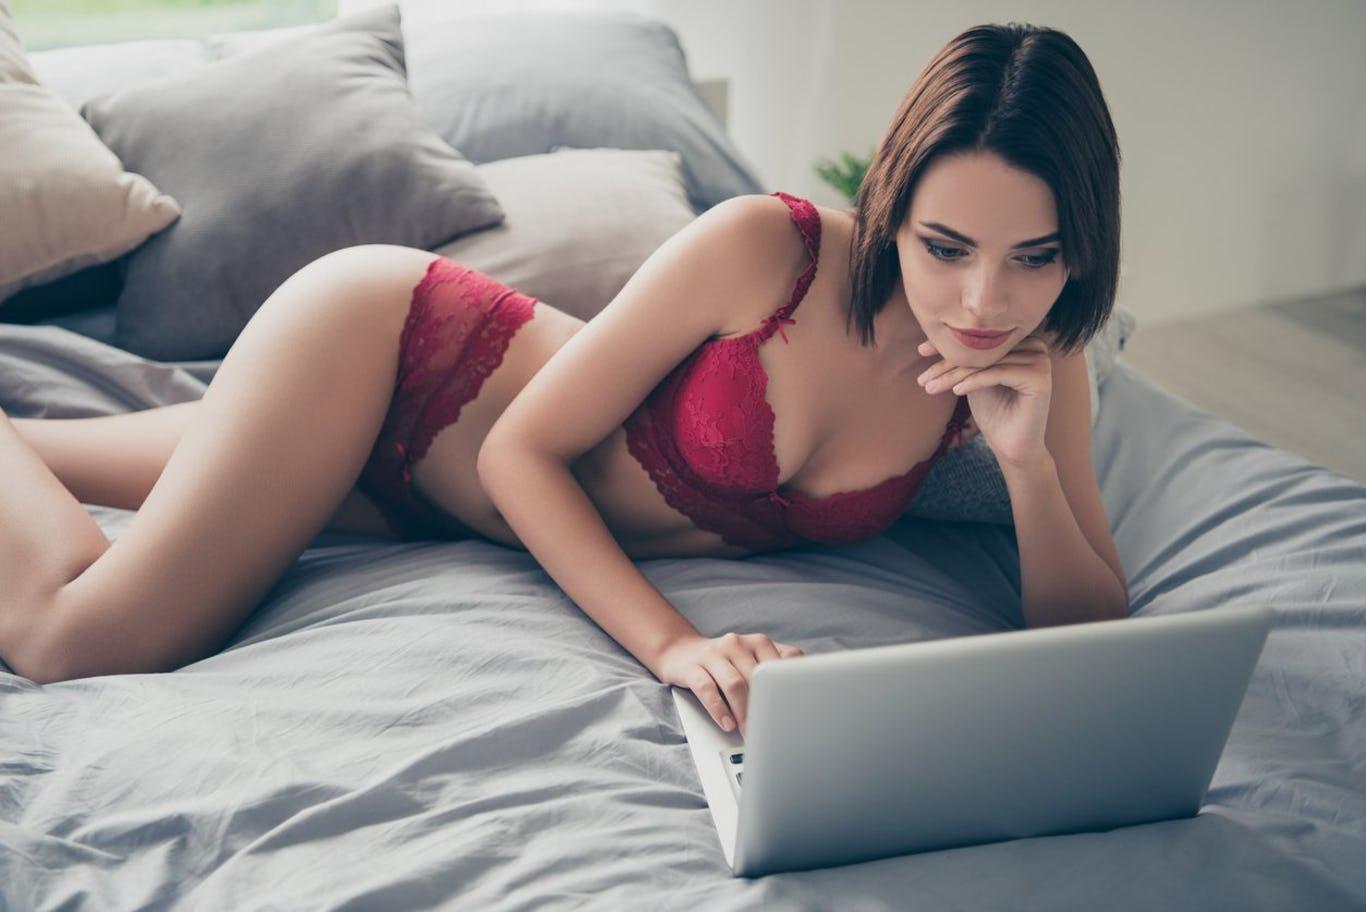 Die Generation Z sucht Sex mit erfahrenen Männern! - news